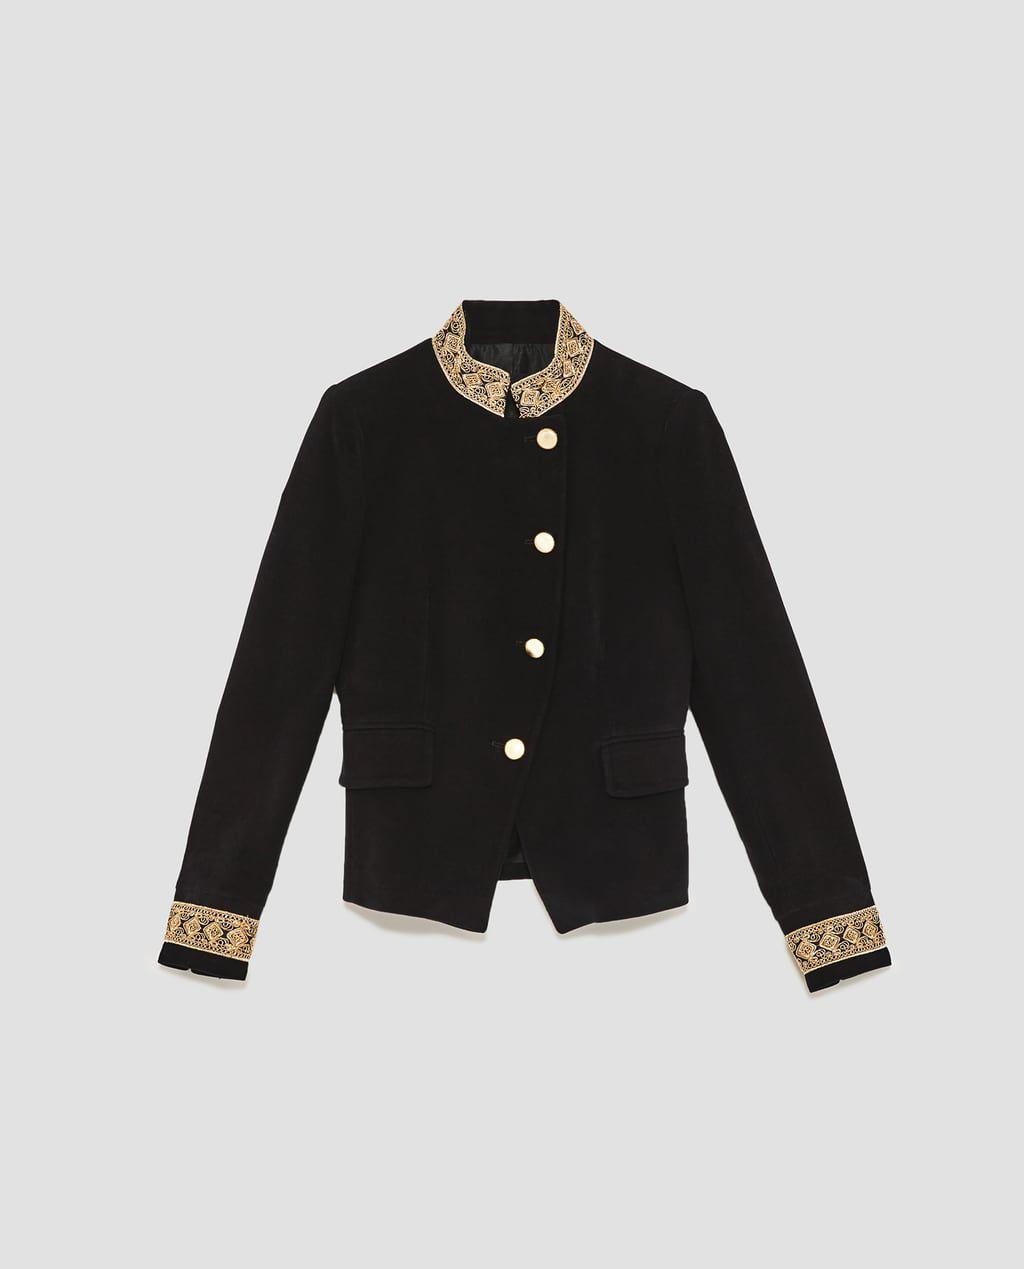 A velvet embroidered blazer